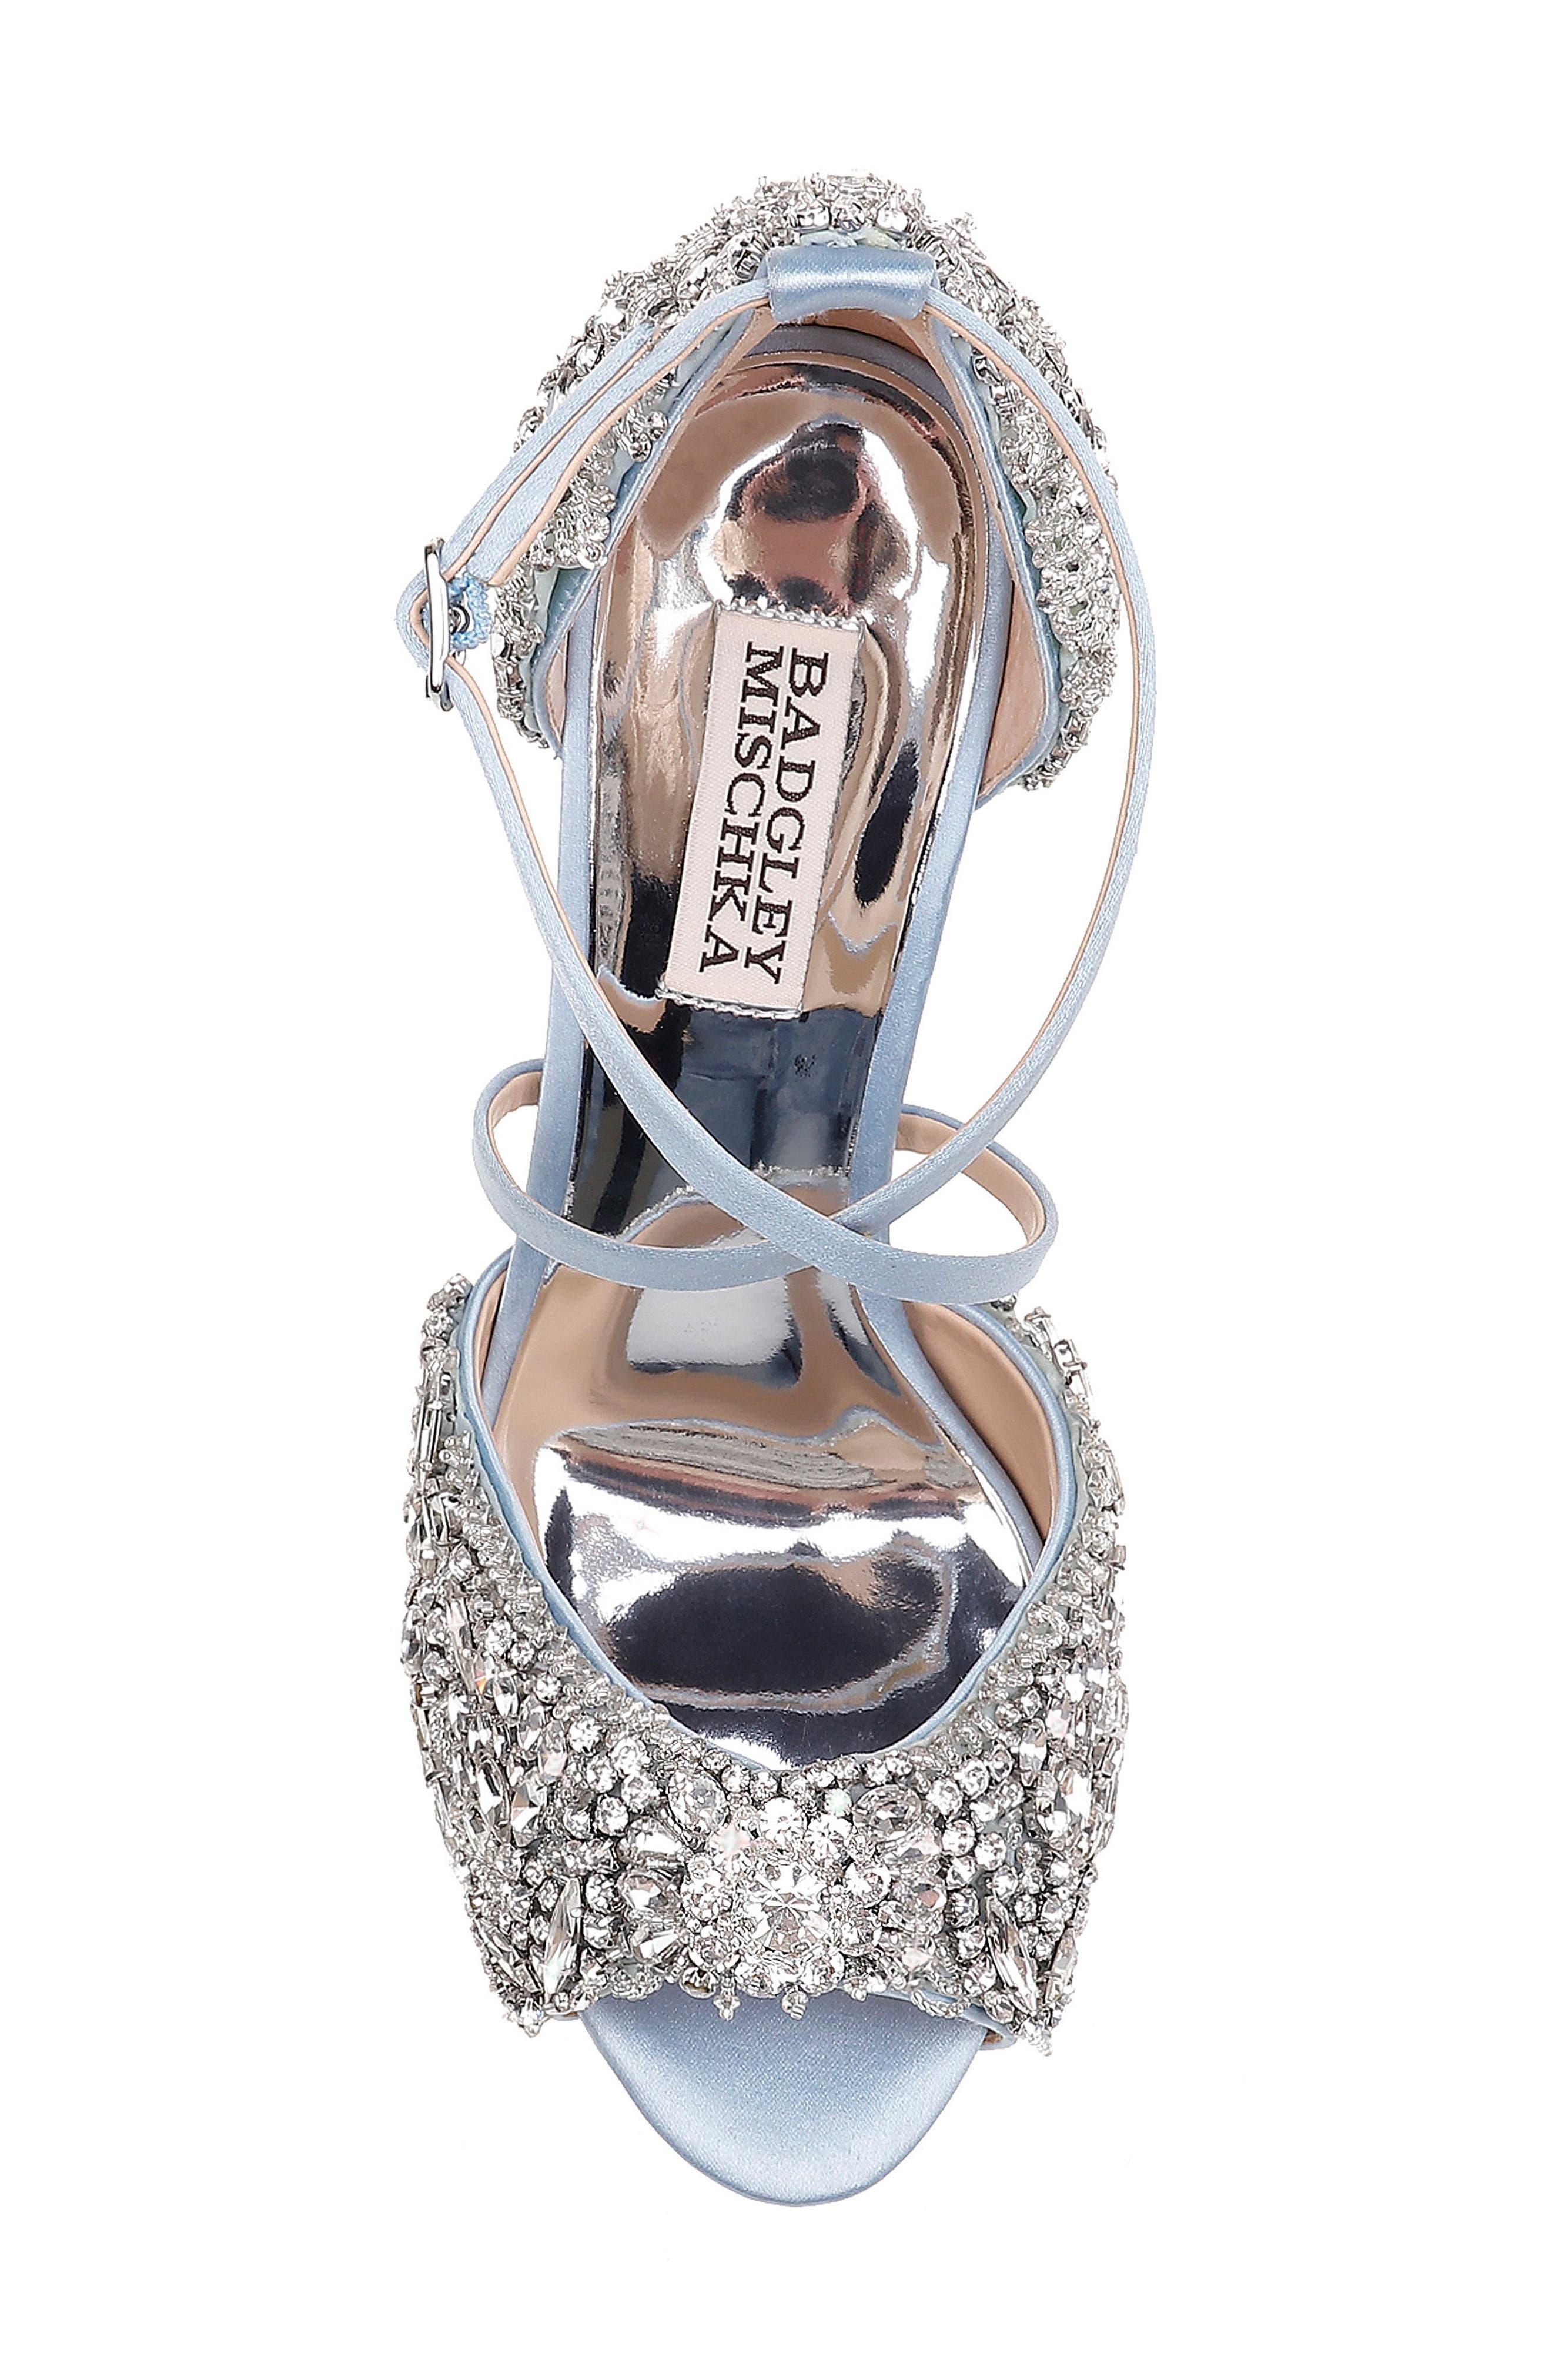 Hyper Crystal Embellished Sandal,                             Alternate thumbnail 5, color,                             Light Blue Satin